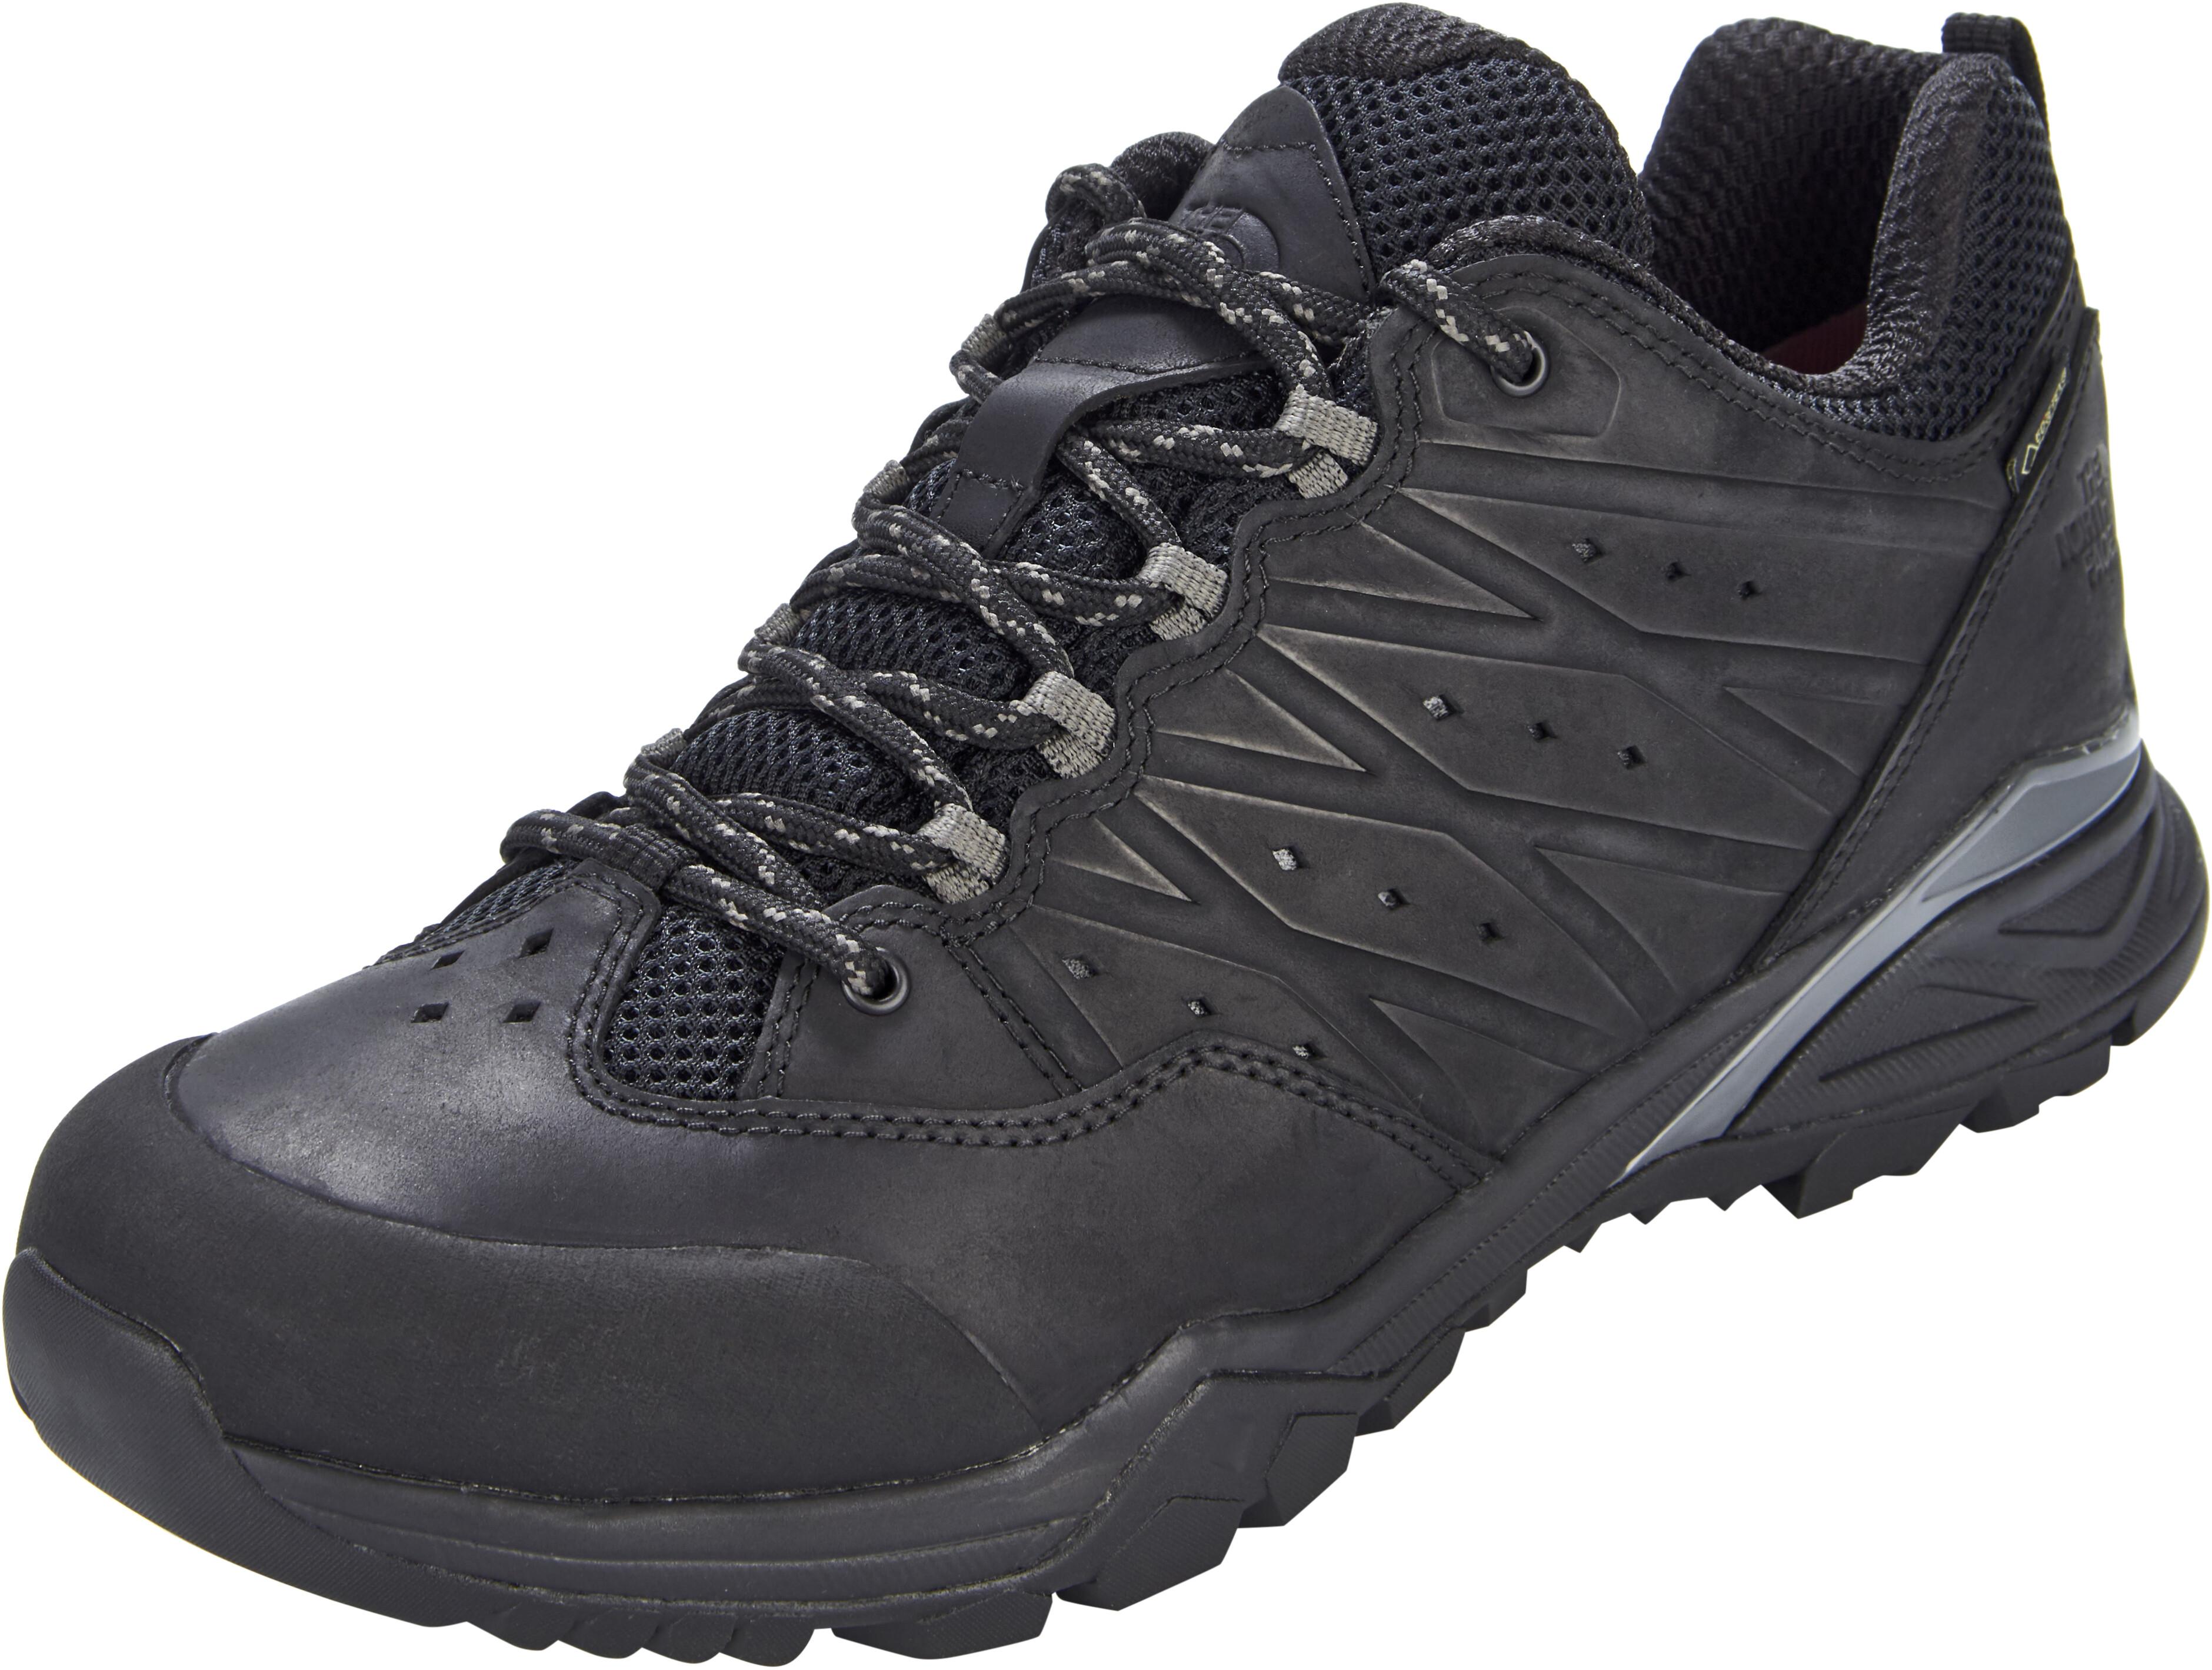 North Face Shoes Hedgehog Black